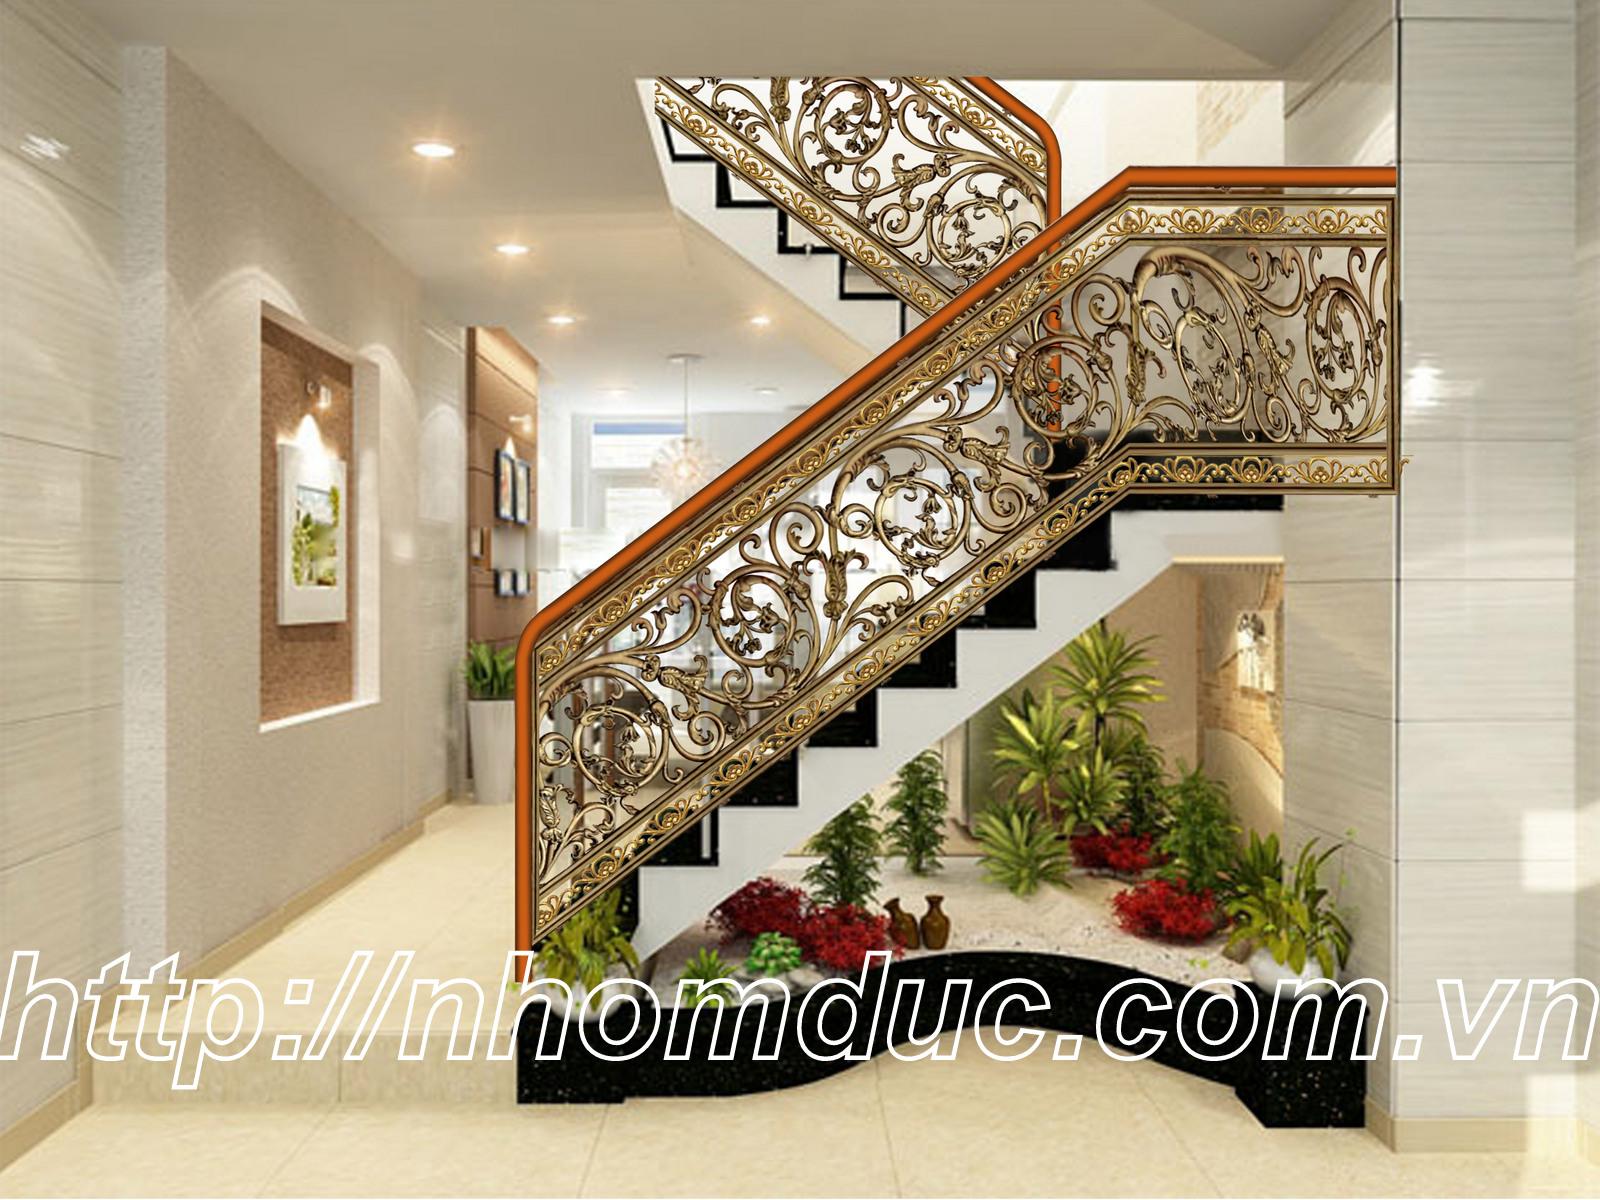 Cầu thang nhôm đúc bền, đẹp, thẩm mỹ.